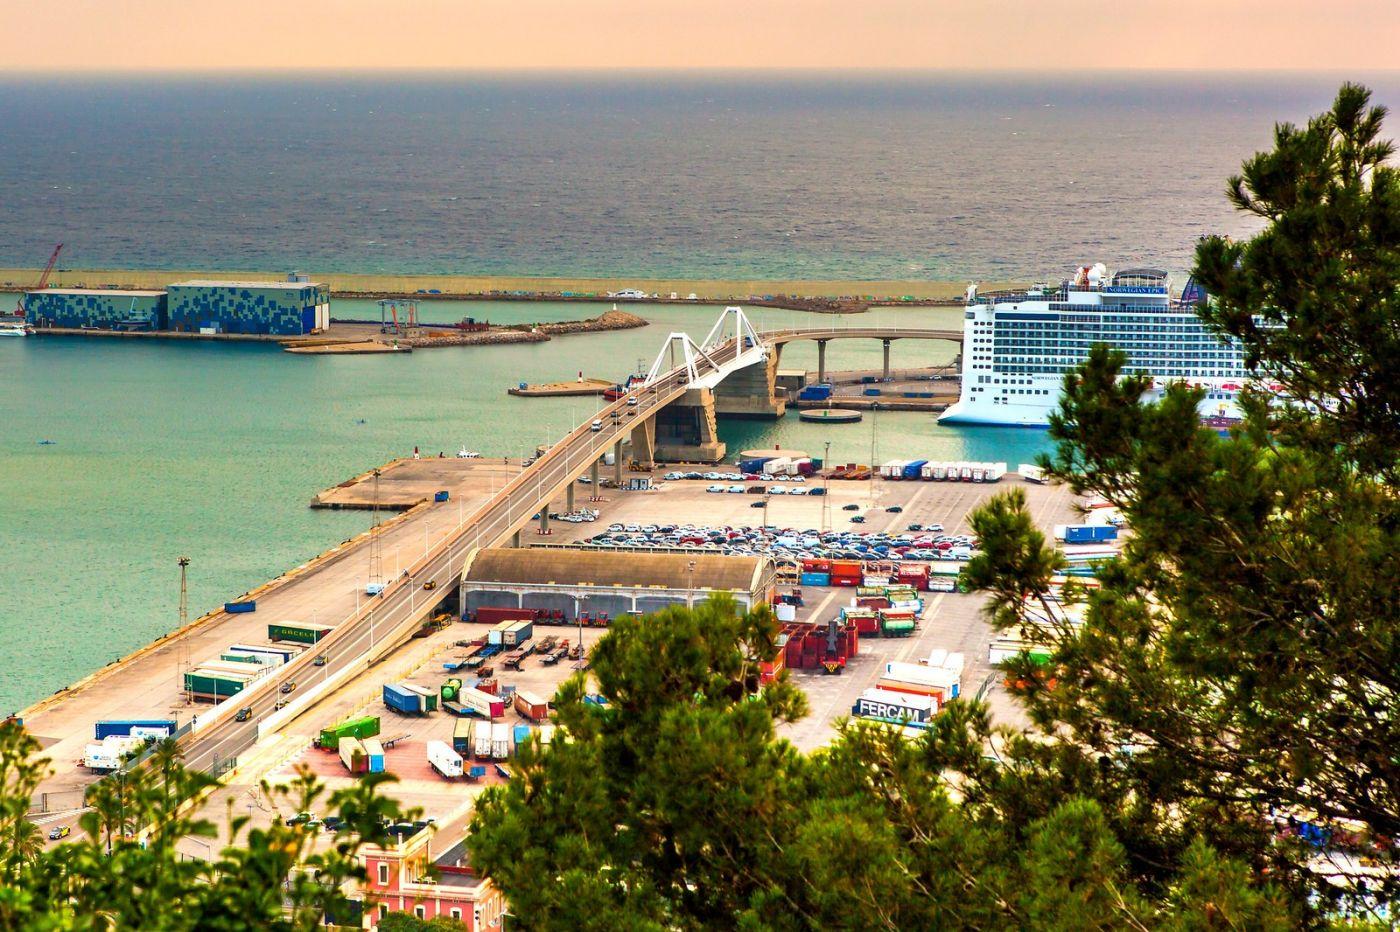 西班牙小岛,鸟瞰港景_图1-4